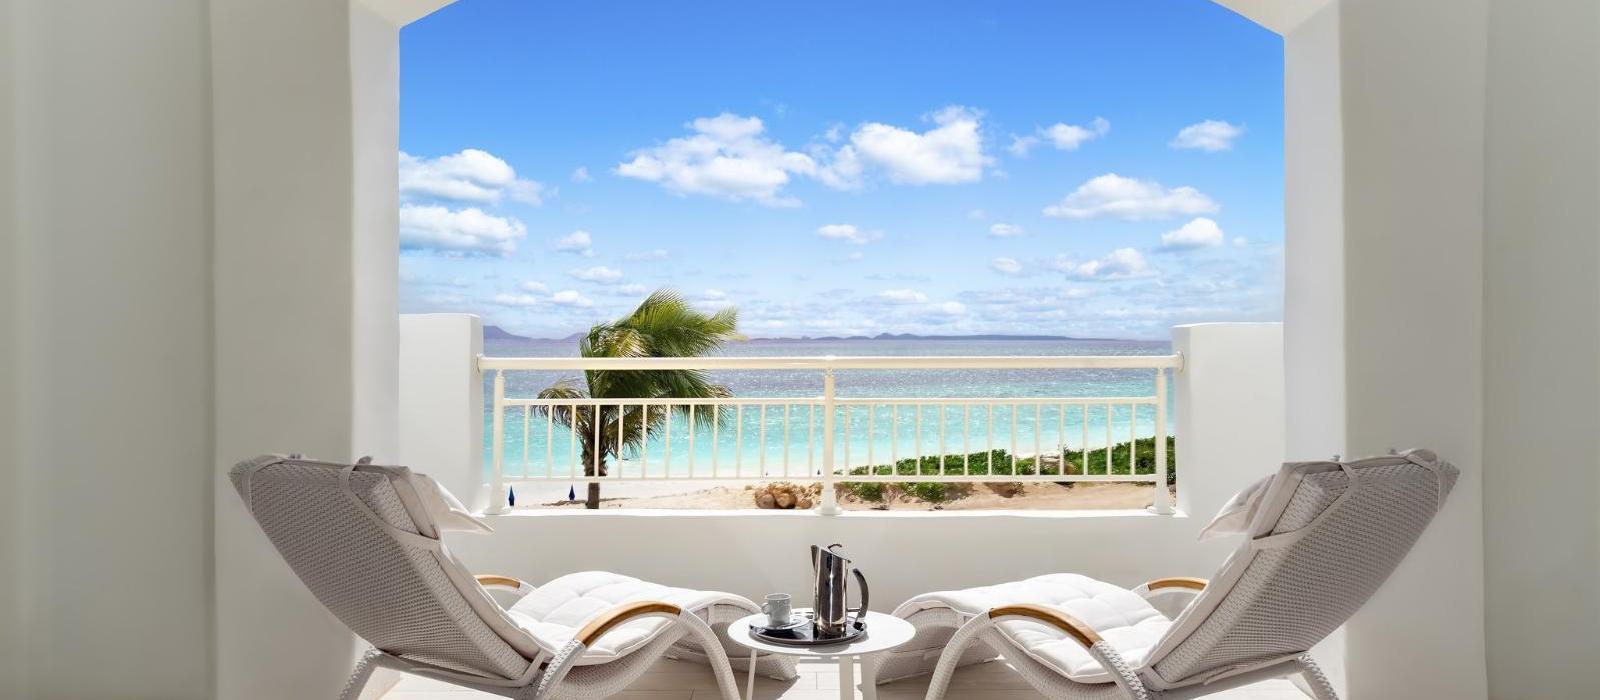 筵艺高尔夫水疗度假酒店(CuisinArt Golf Resort & Spa) 图片  www.lhw.cn